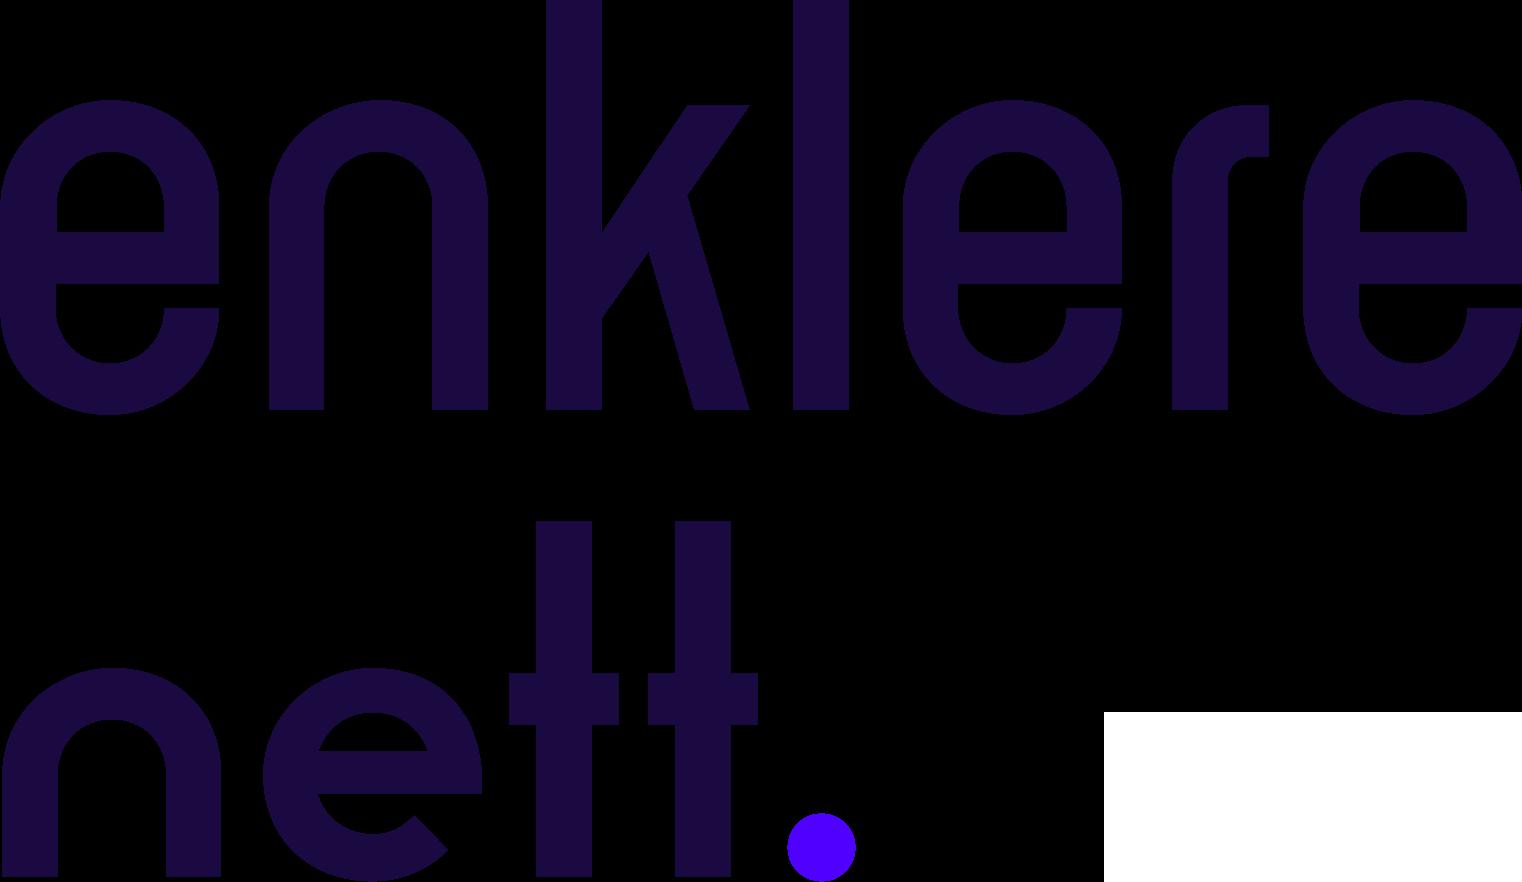 Enklere nett logo